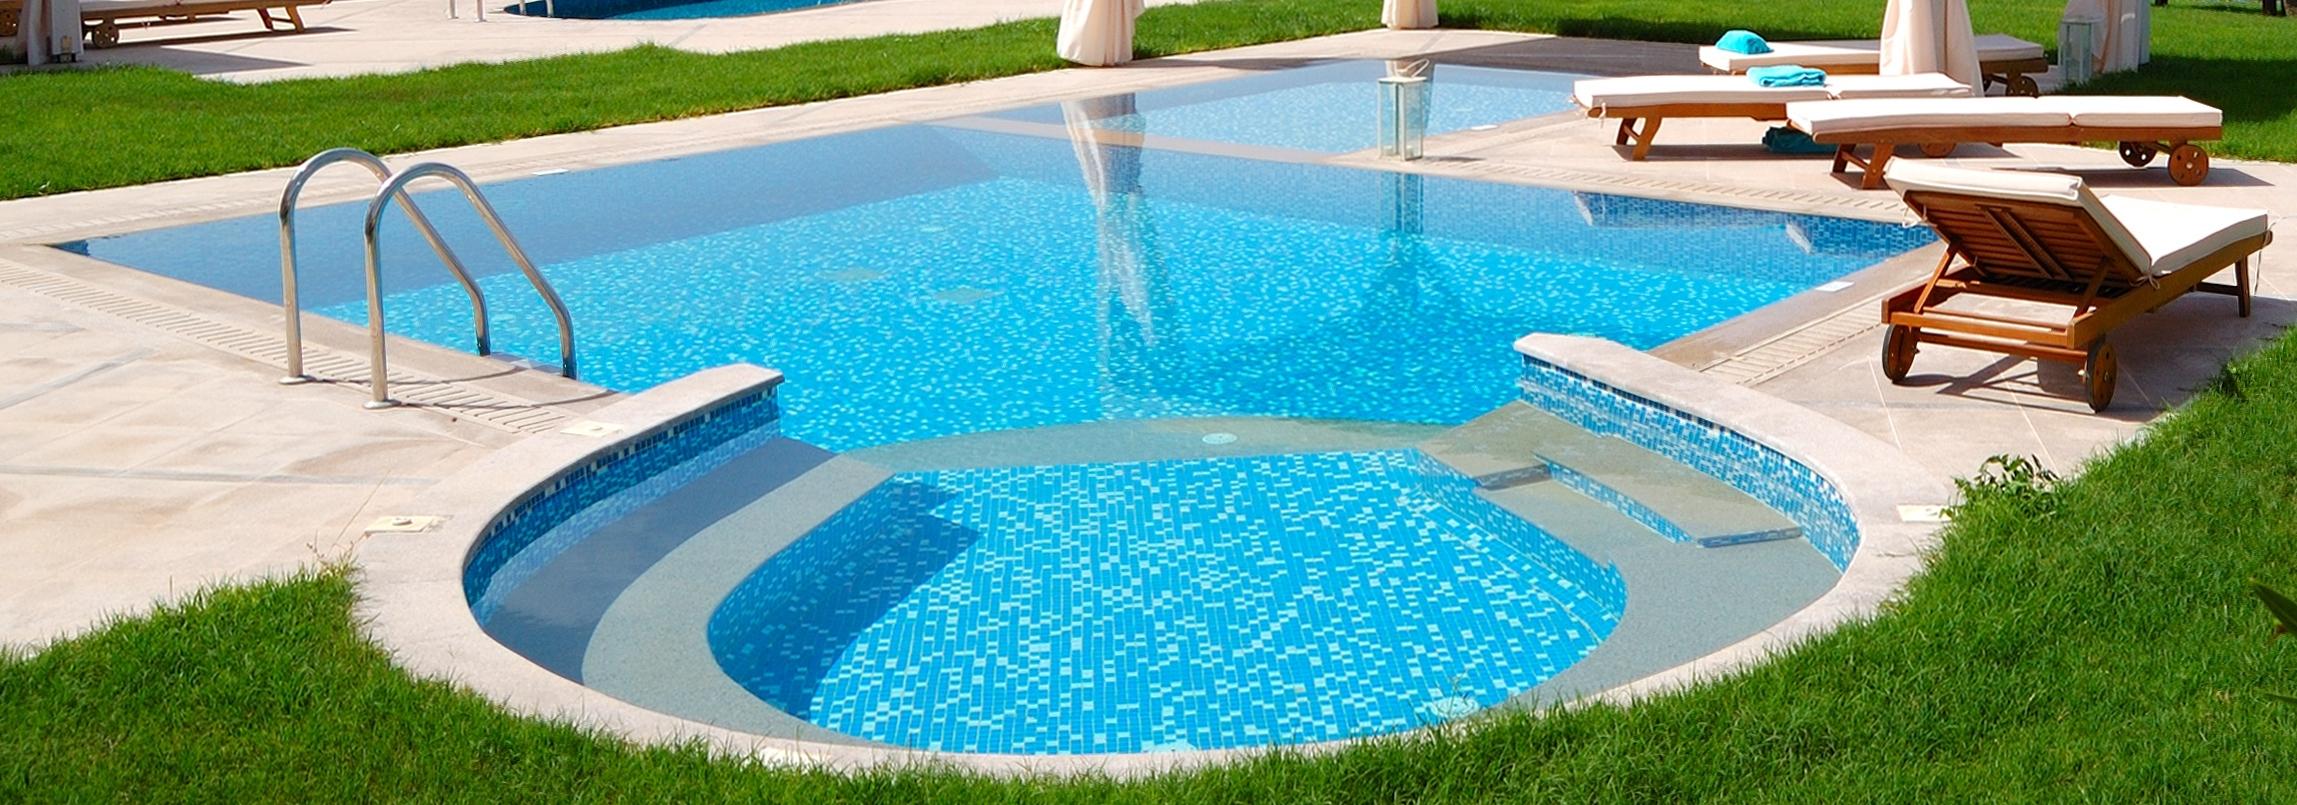 Tira vazamento de piscinas tratamento de agua vedatech for Piscinas decoracion fotos